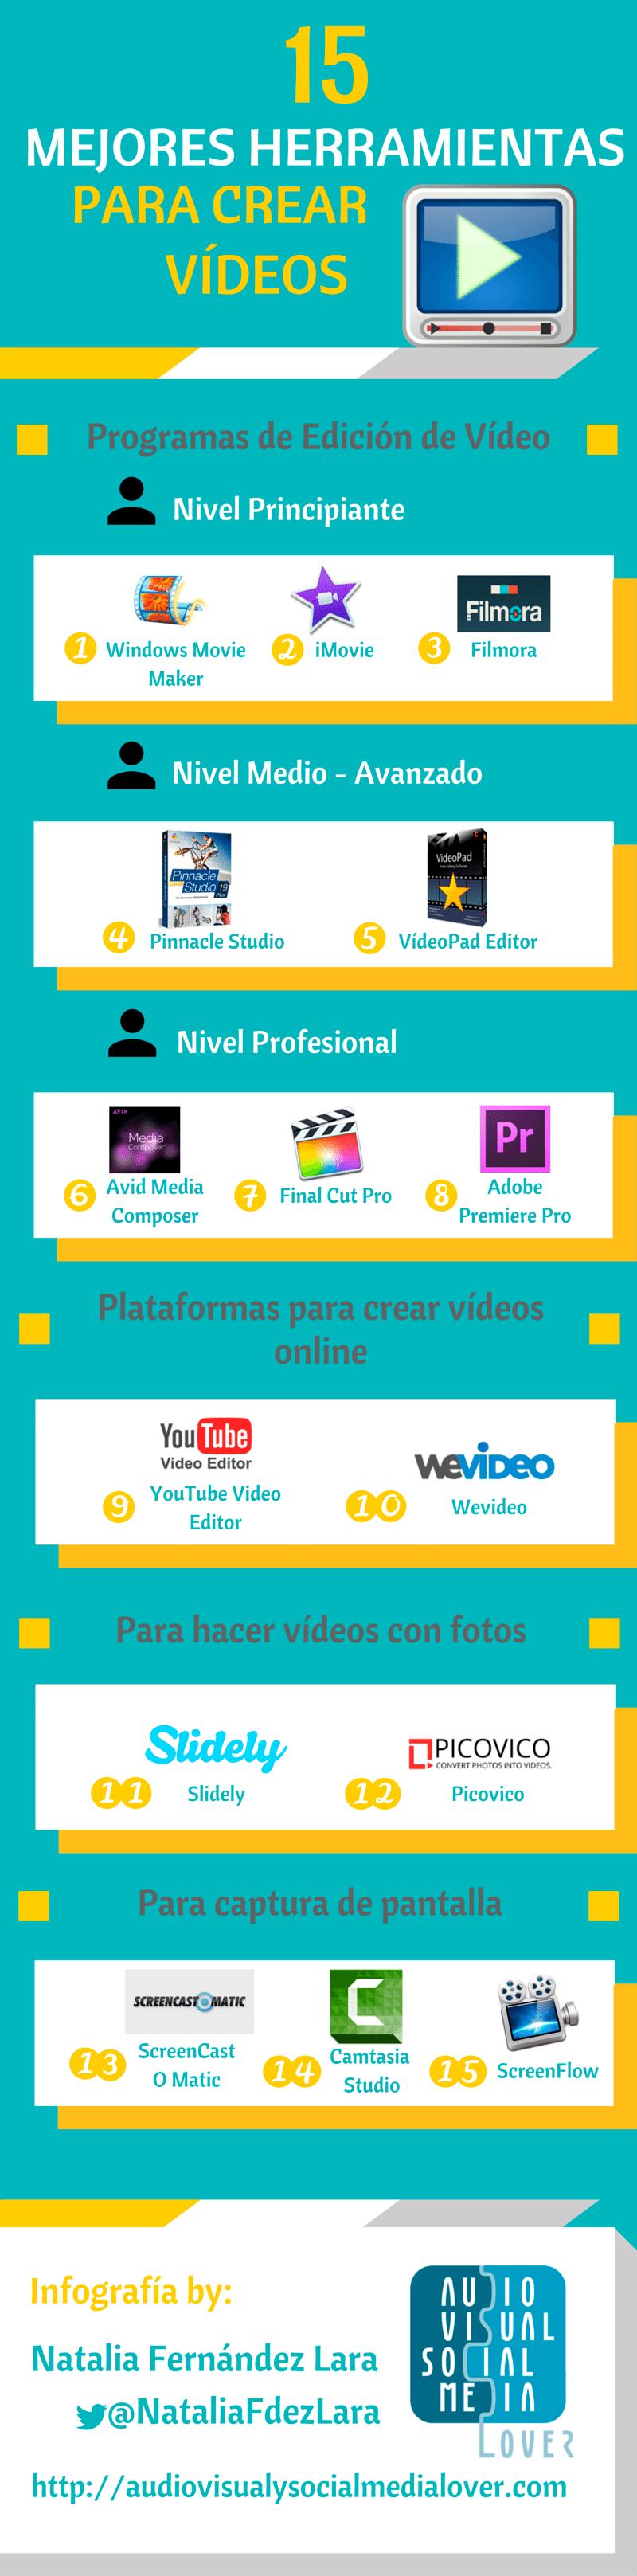 Las 15 herramientas que recomiendo para crear vídeos